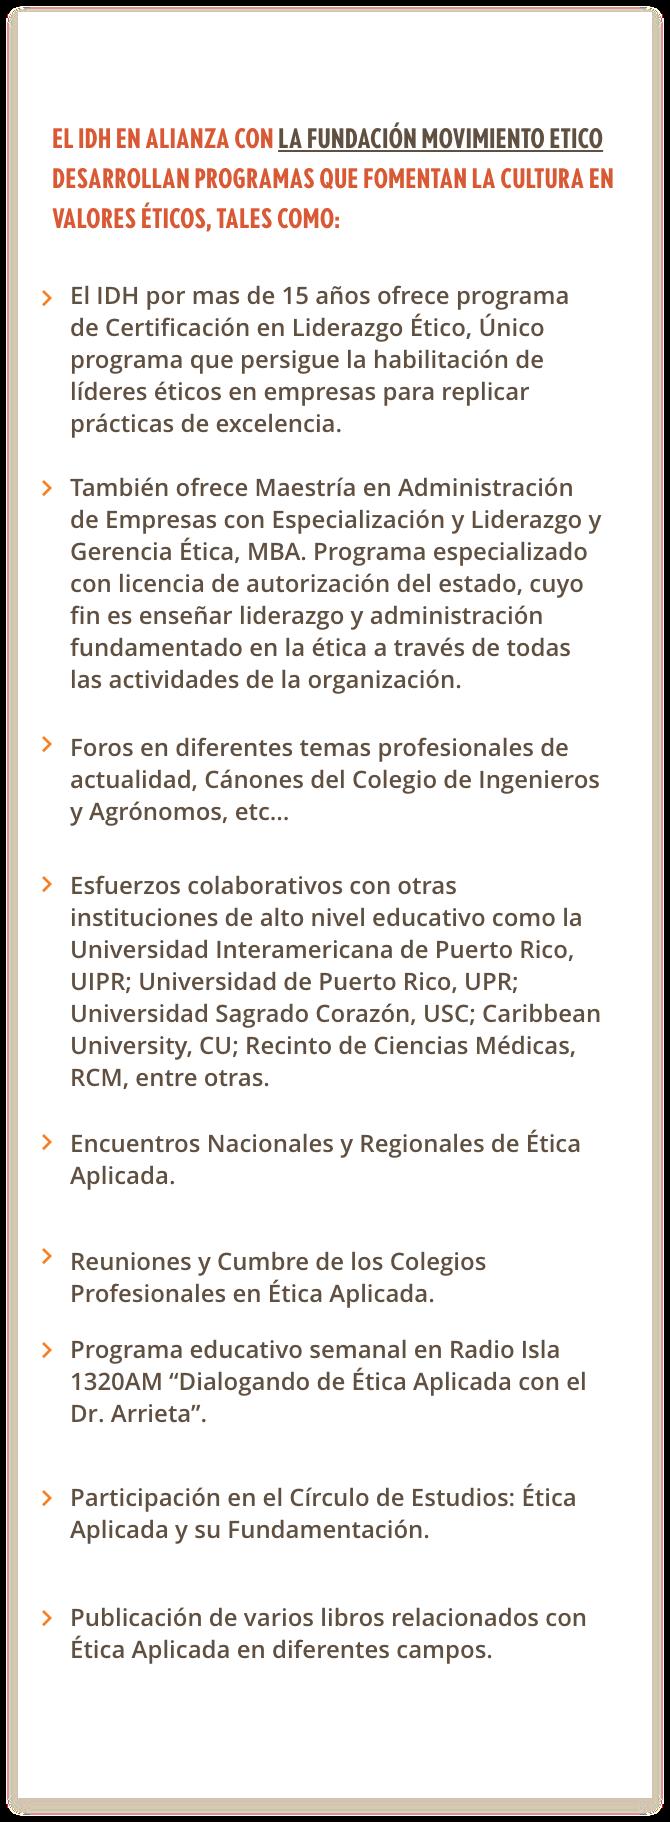 El IDH EN Alianza con FME - Seminarios@2x